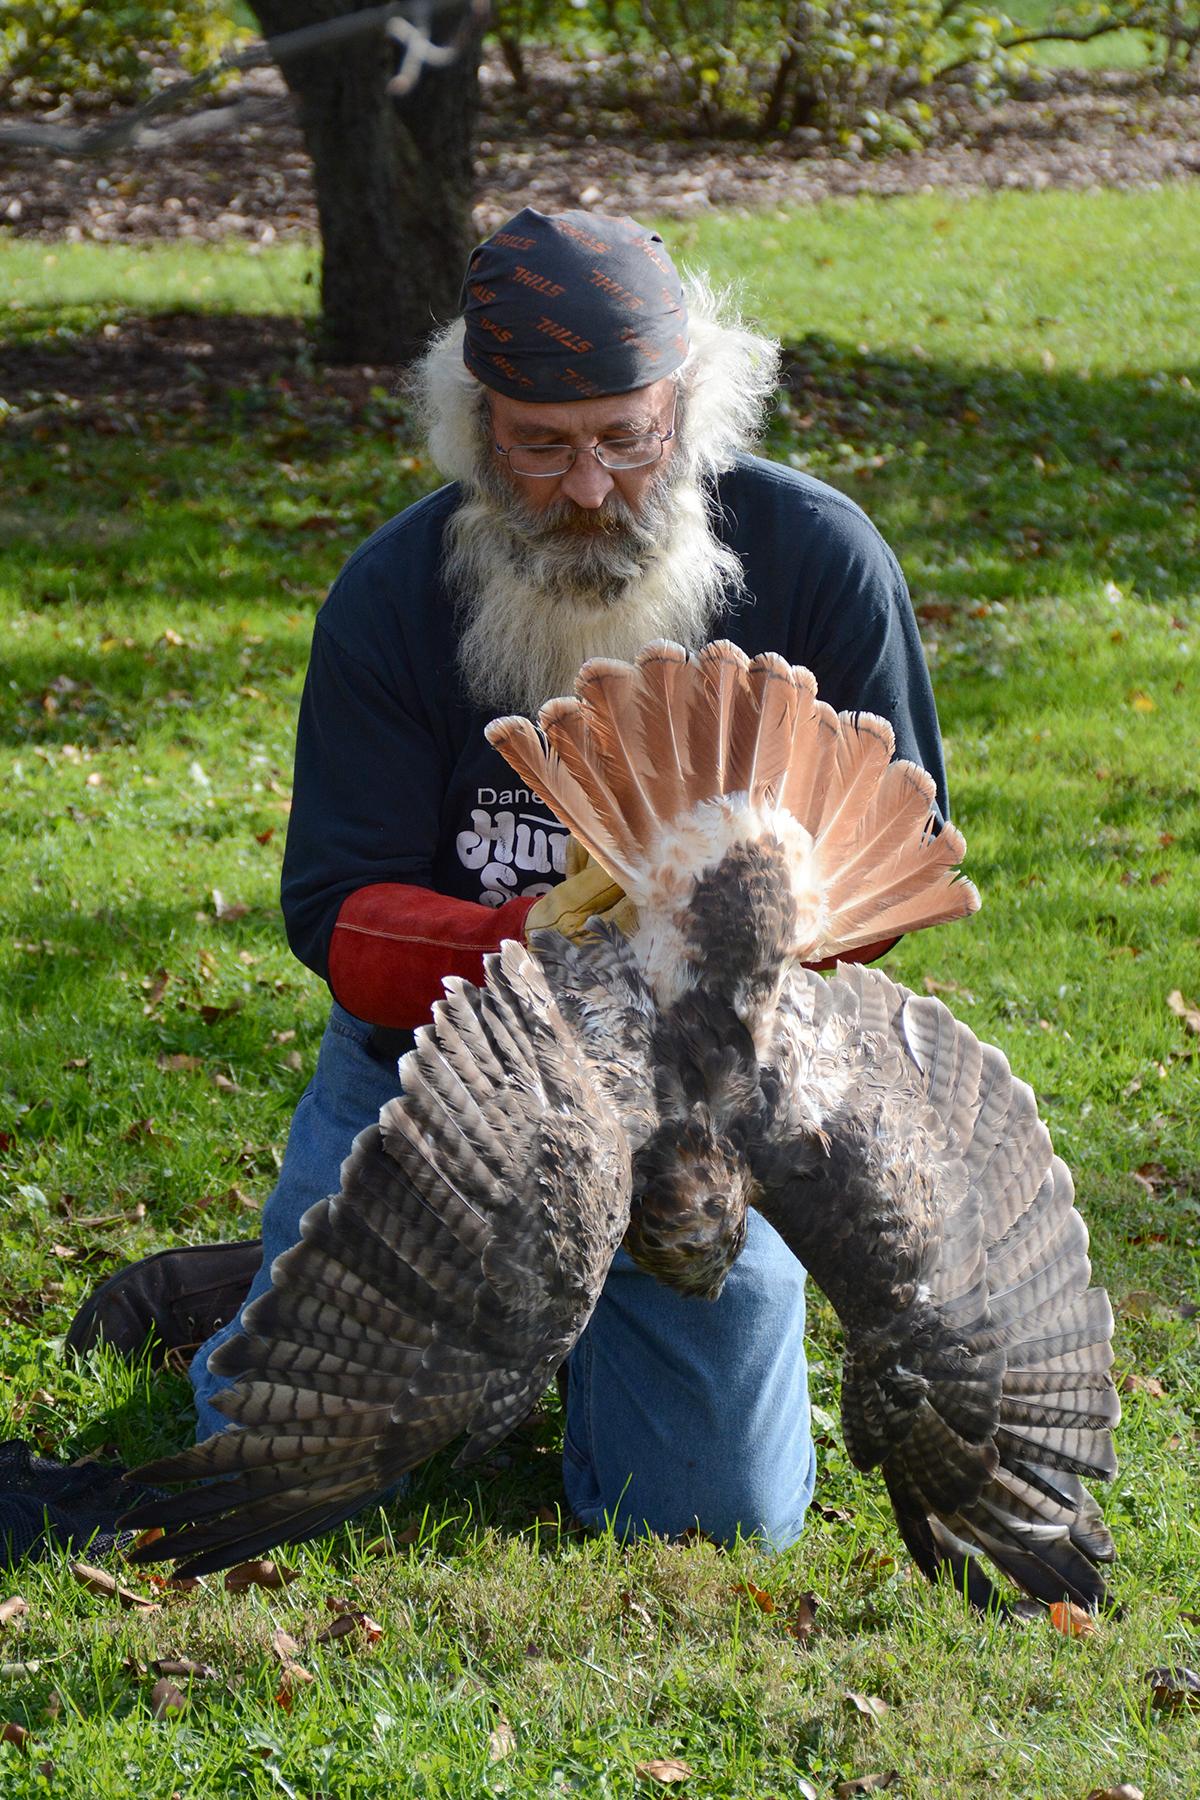 2016-10-14-arboretum-redtailedhawk6